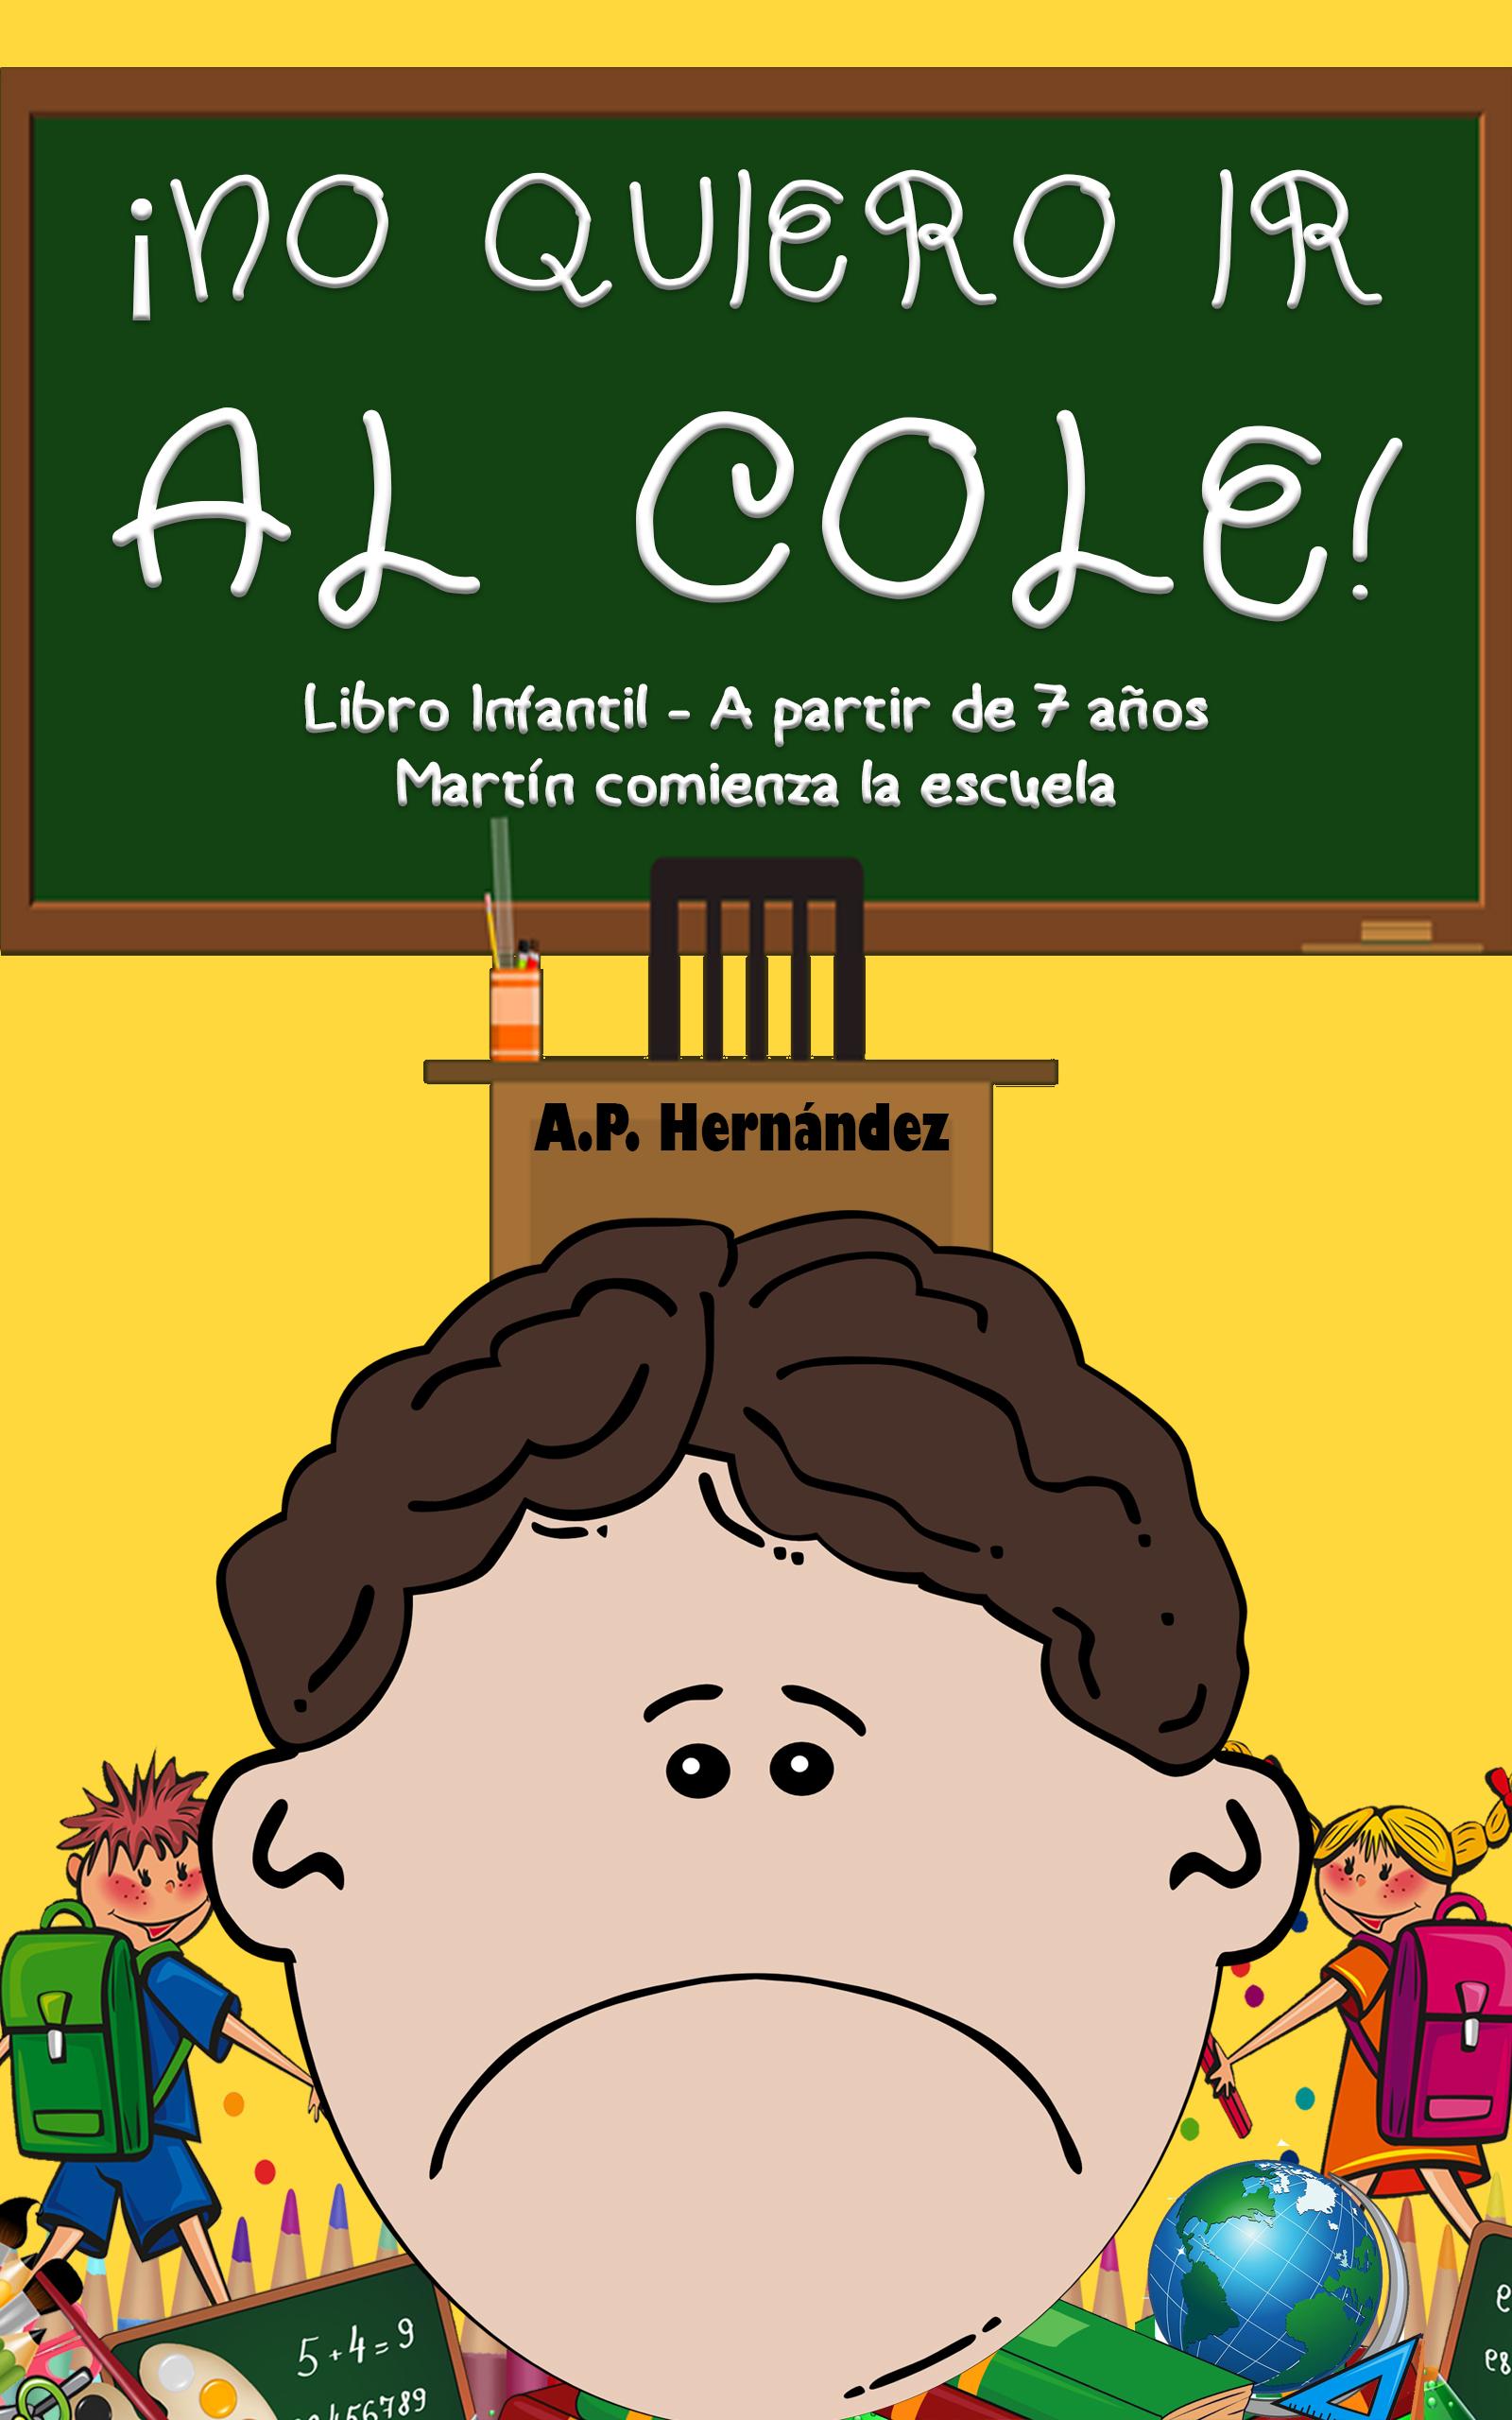 ¡no quiero ir al cole!: libro infantil (a partir de 7 años). martín comienza la escuela